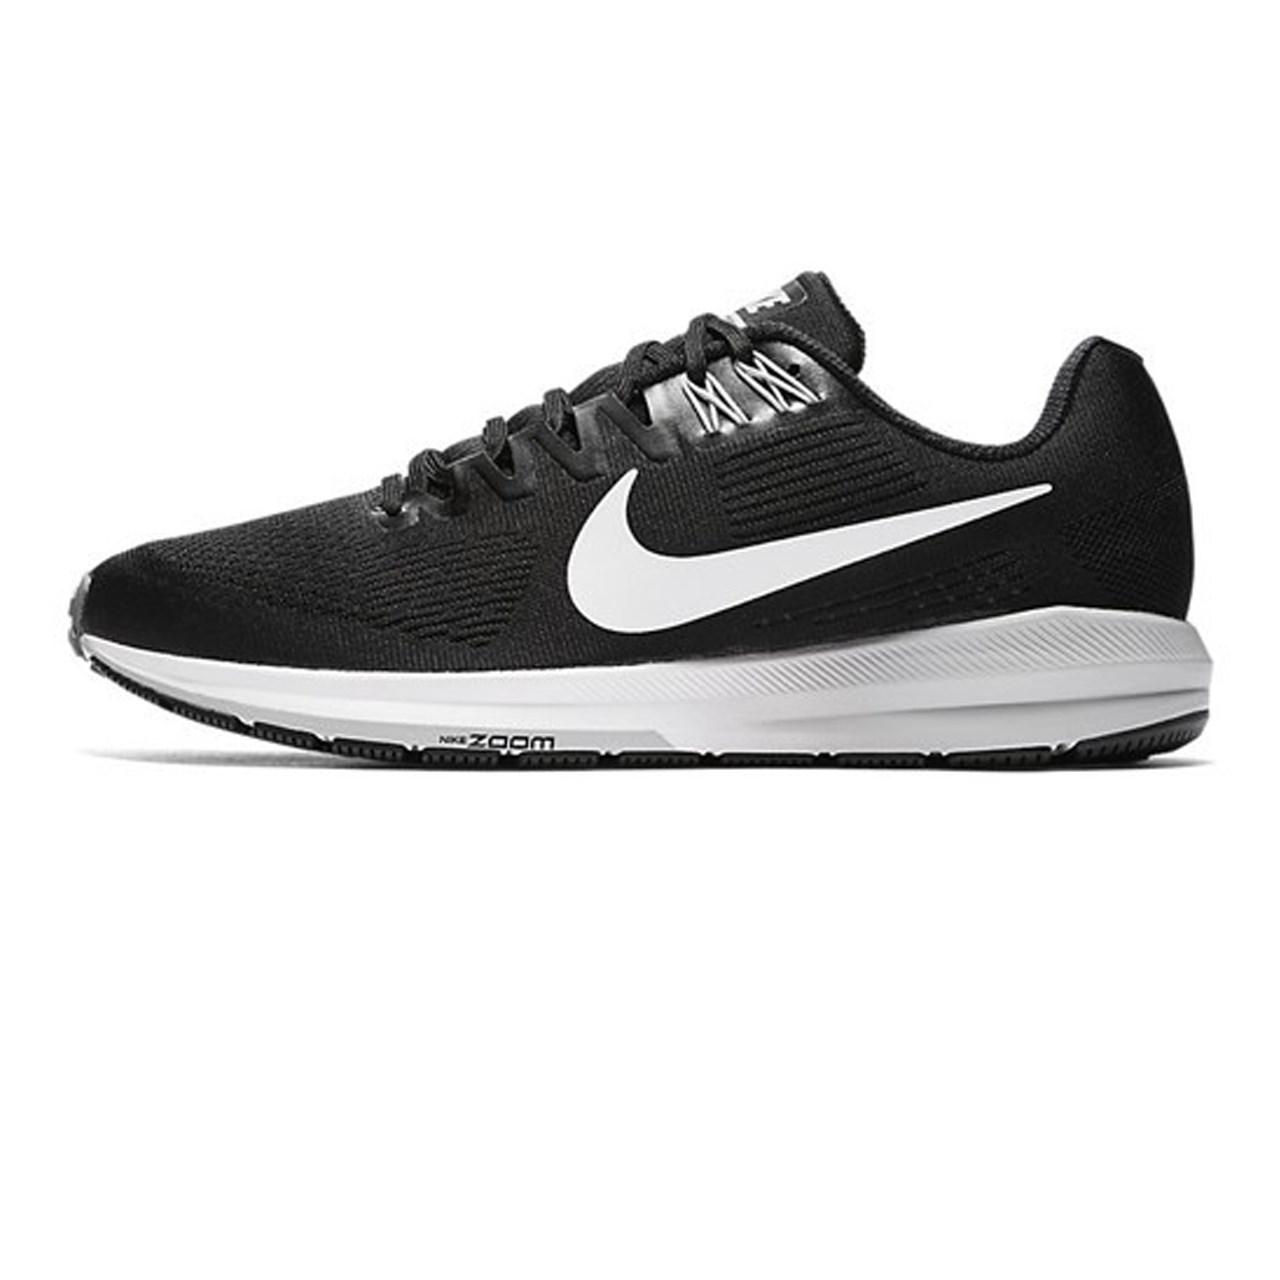 قیمت کفش ورزشی مردانه مخصوص دویدن و پیاده روی نایک مدل Air Zoom Structure  21